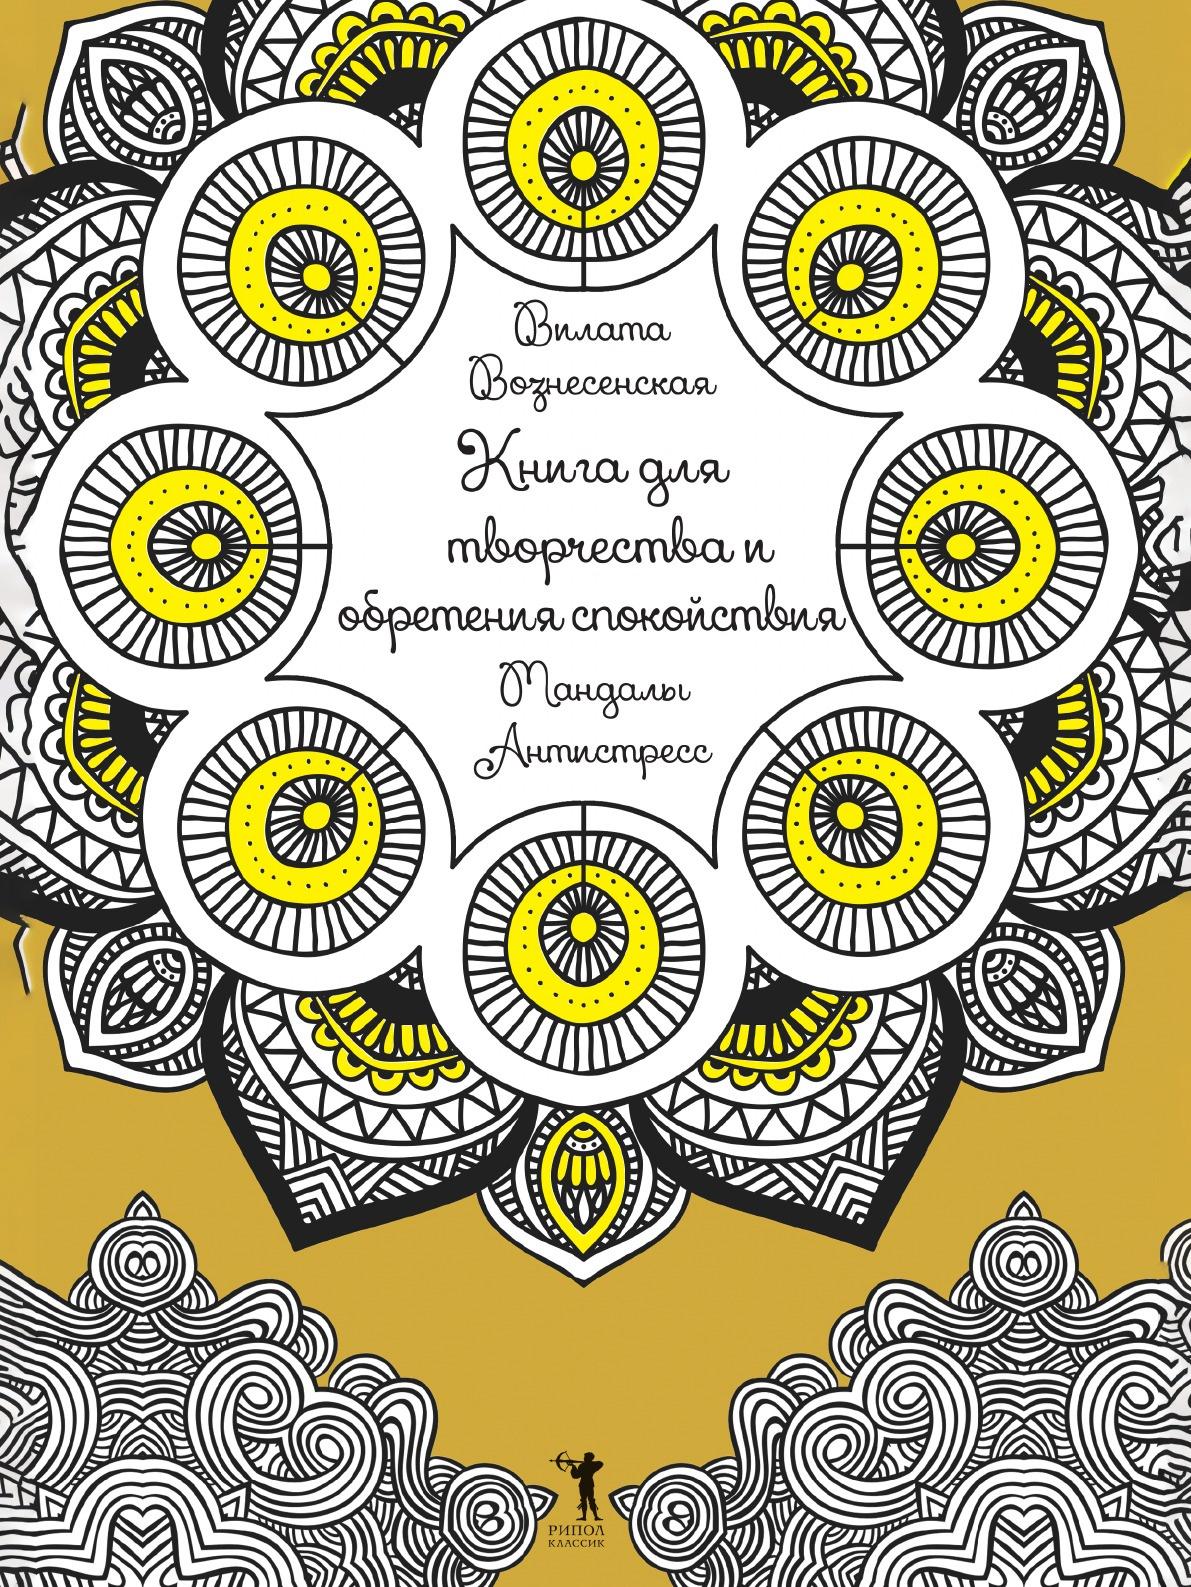 Вилата Вонесенская Книга для творчества и обретения спокойствия. Мандалы. Антистресс